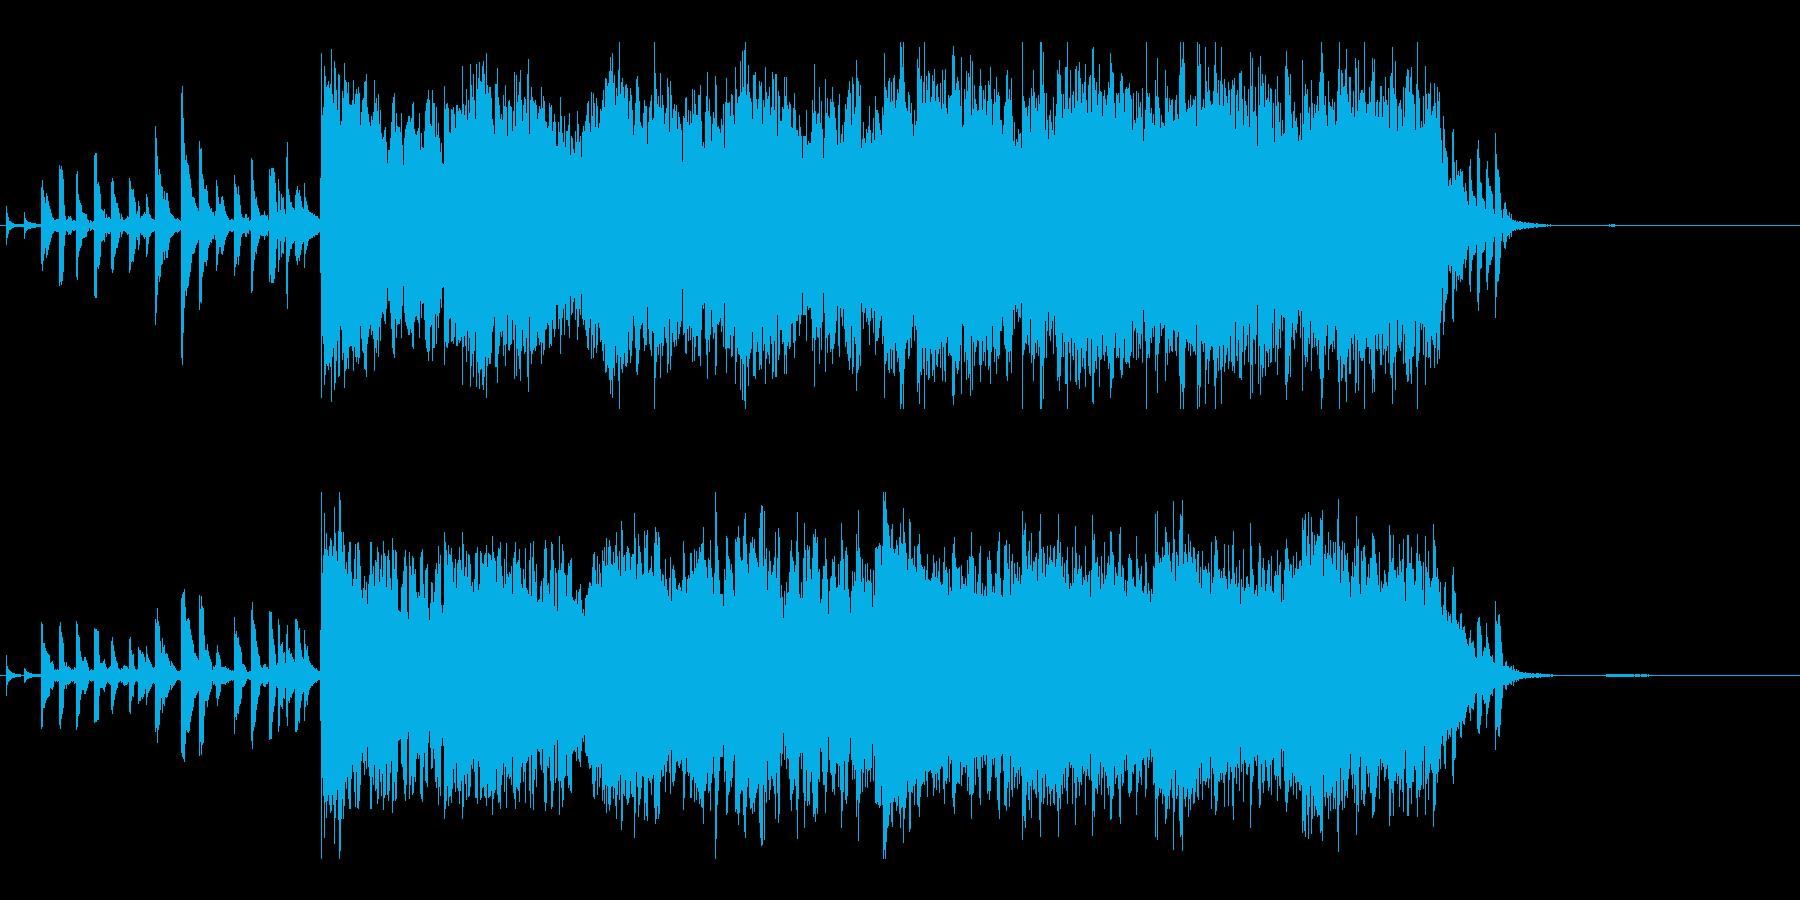 短編映像用のリゾートっぽさのあるBGMの再生済みの波形